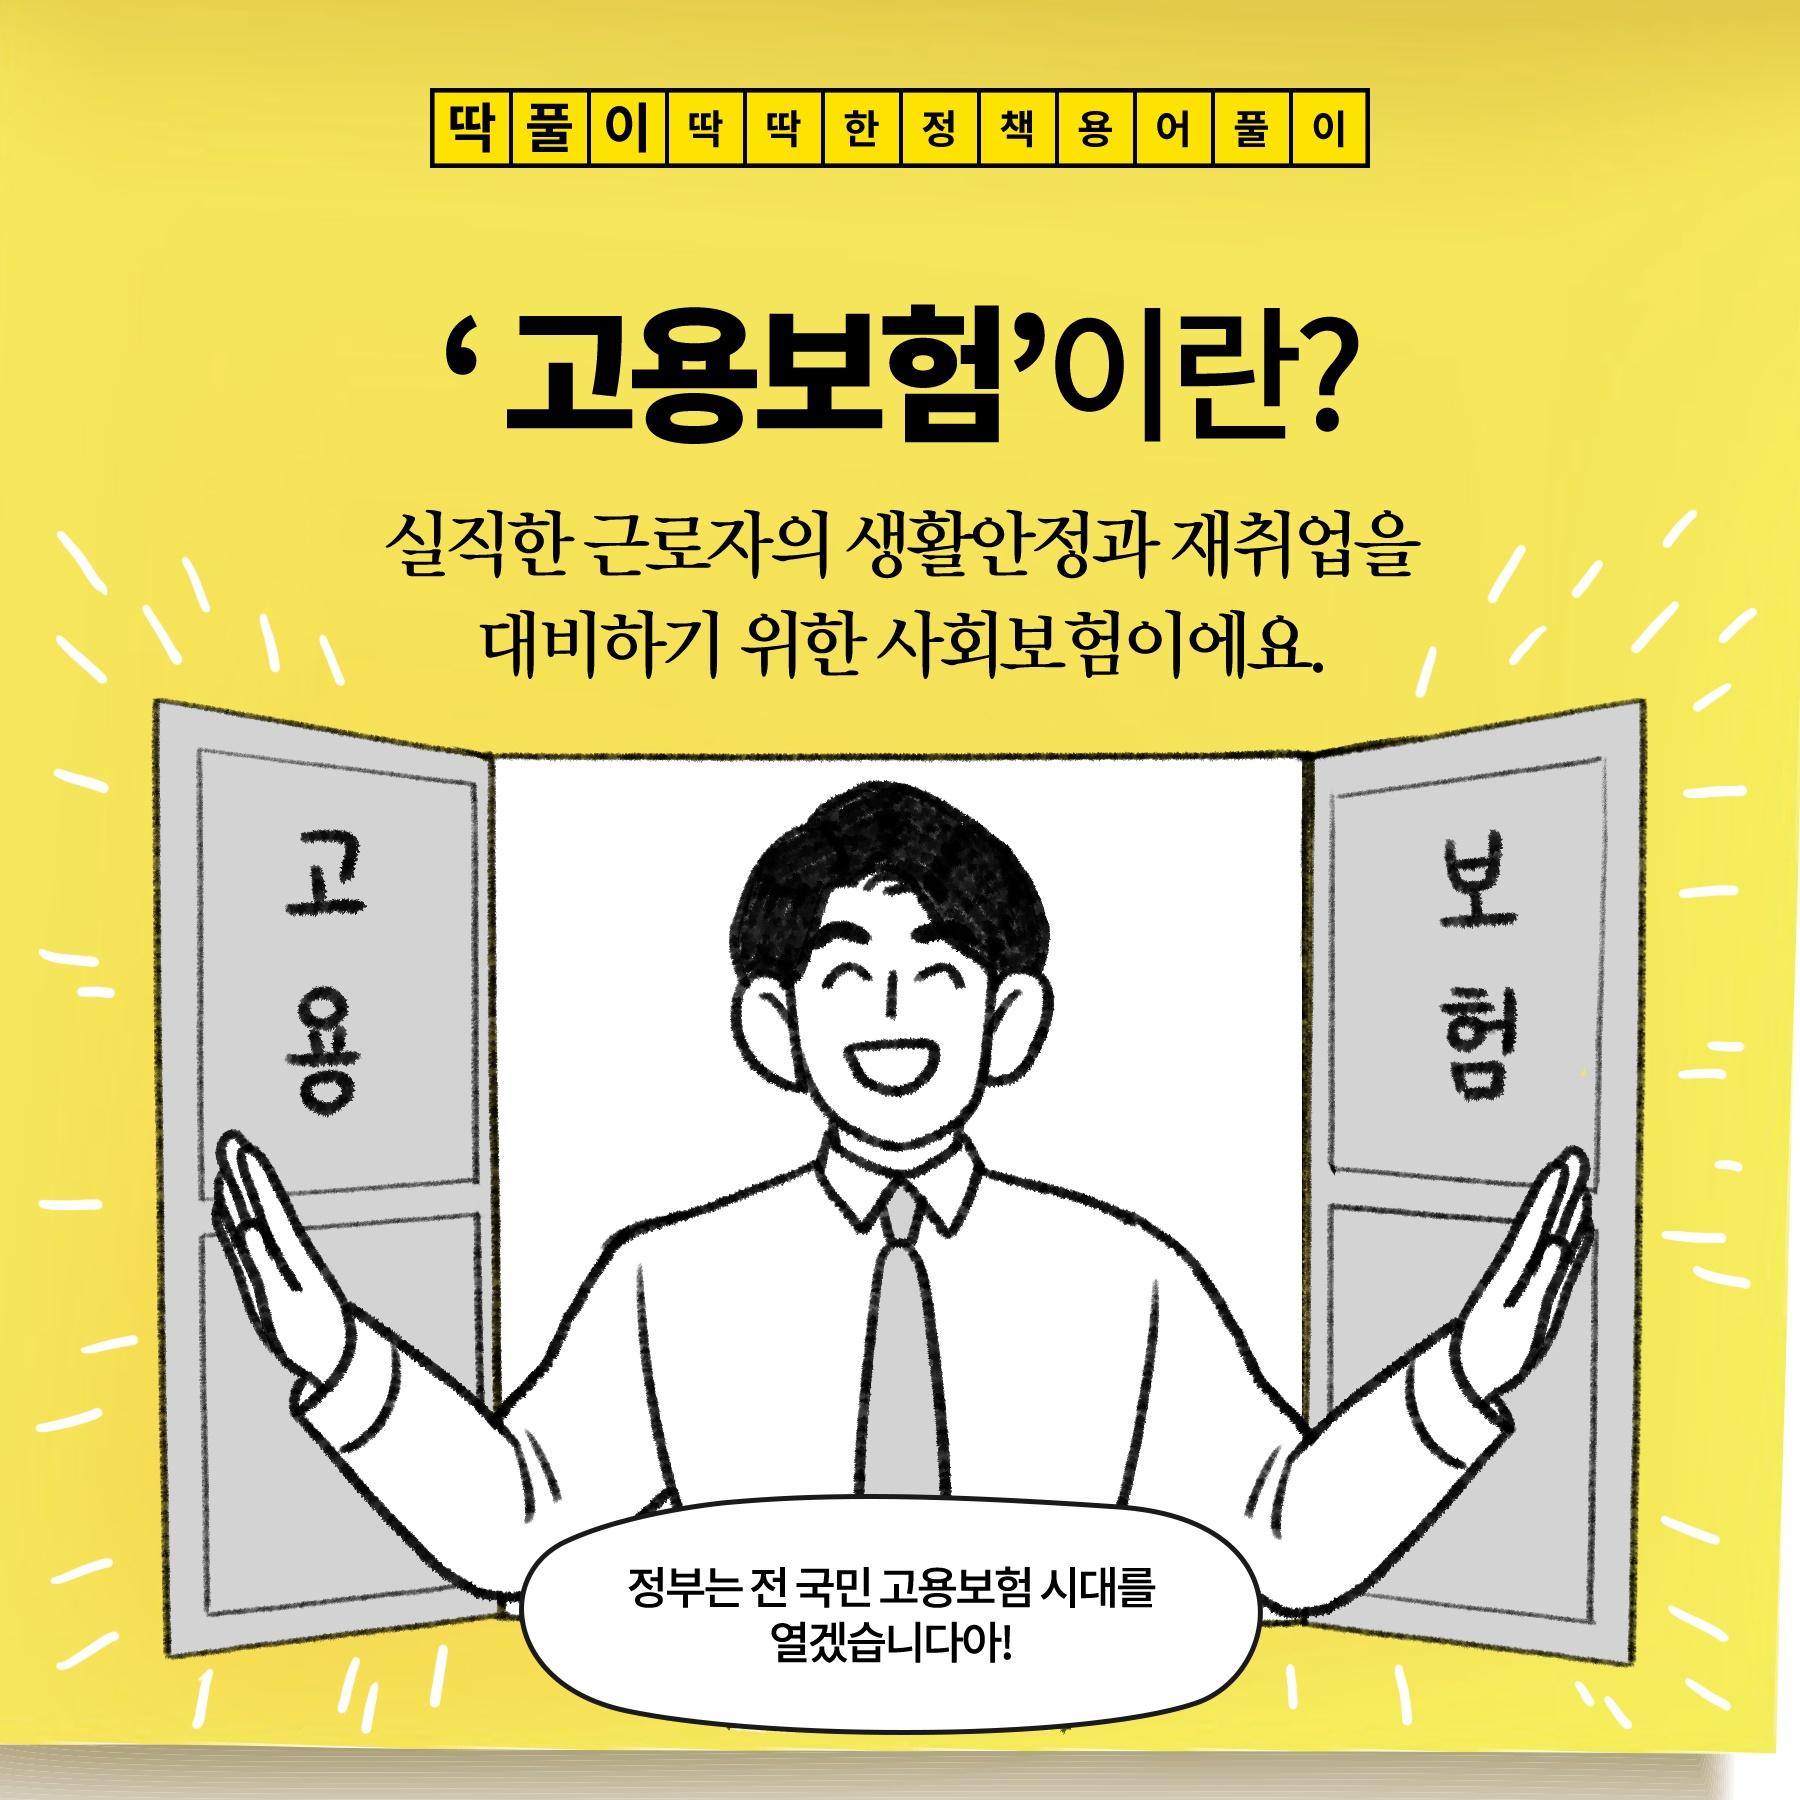 [딱풀이] '고용보험'이란?